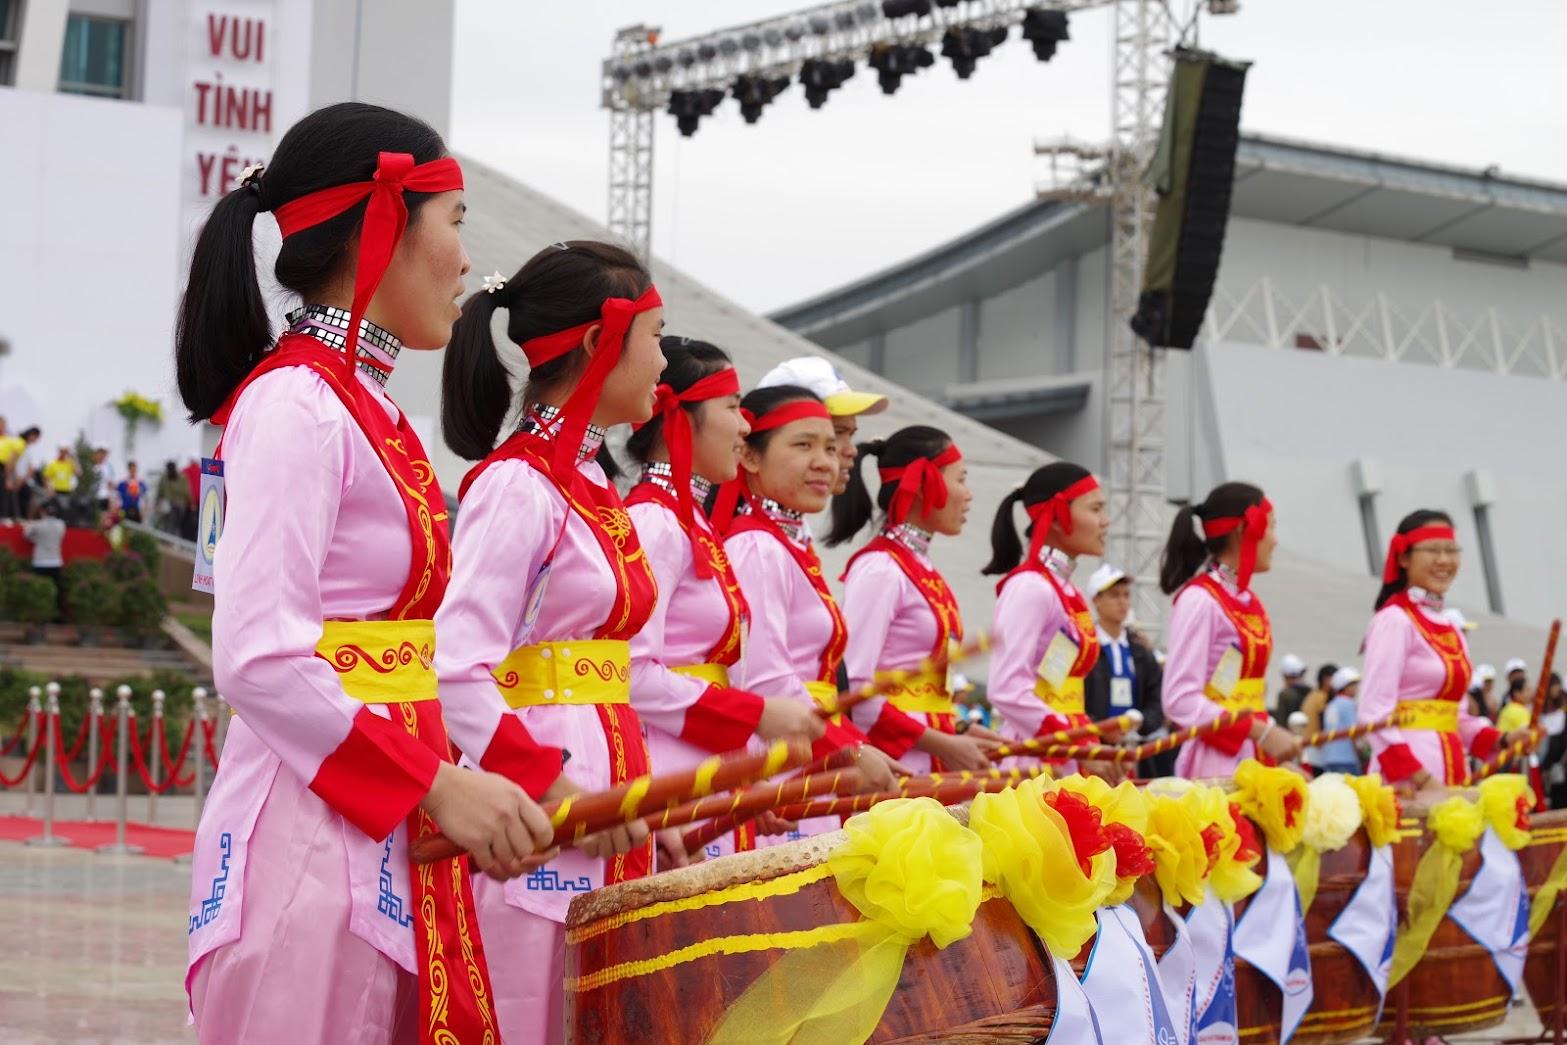 Những hình ảnh đẹp về lễ khai mạc Đại Hội Giới Trẻ giáo tỉnh Hà Nội lần thứ XV tại Thanh Hóa - Ảnh minh hoạ 2